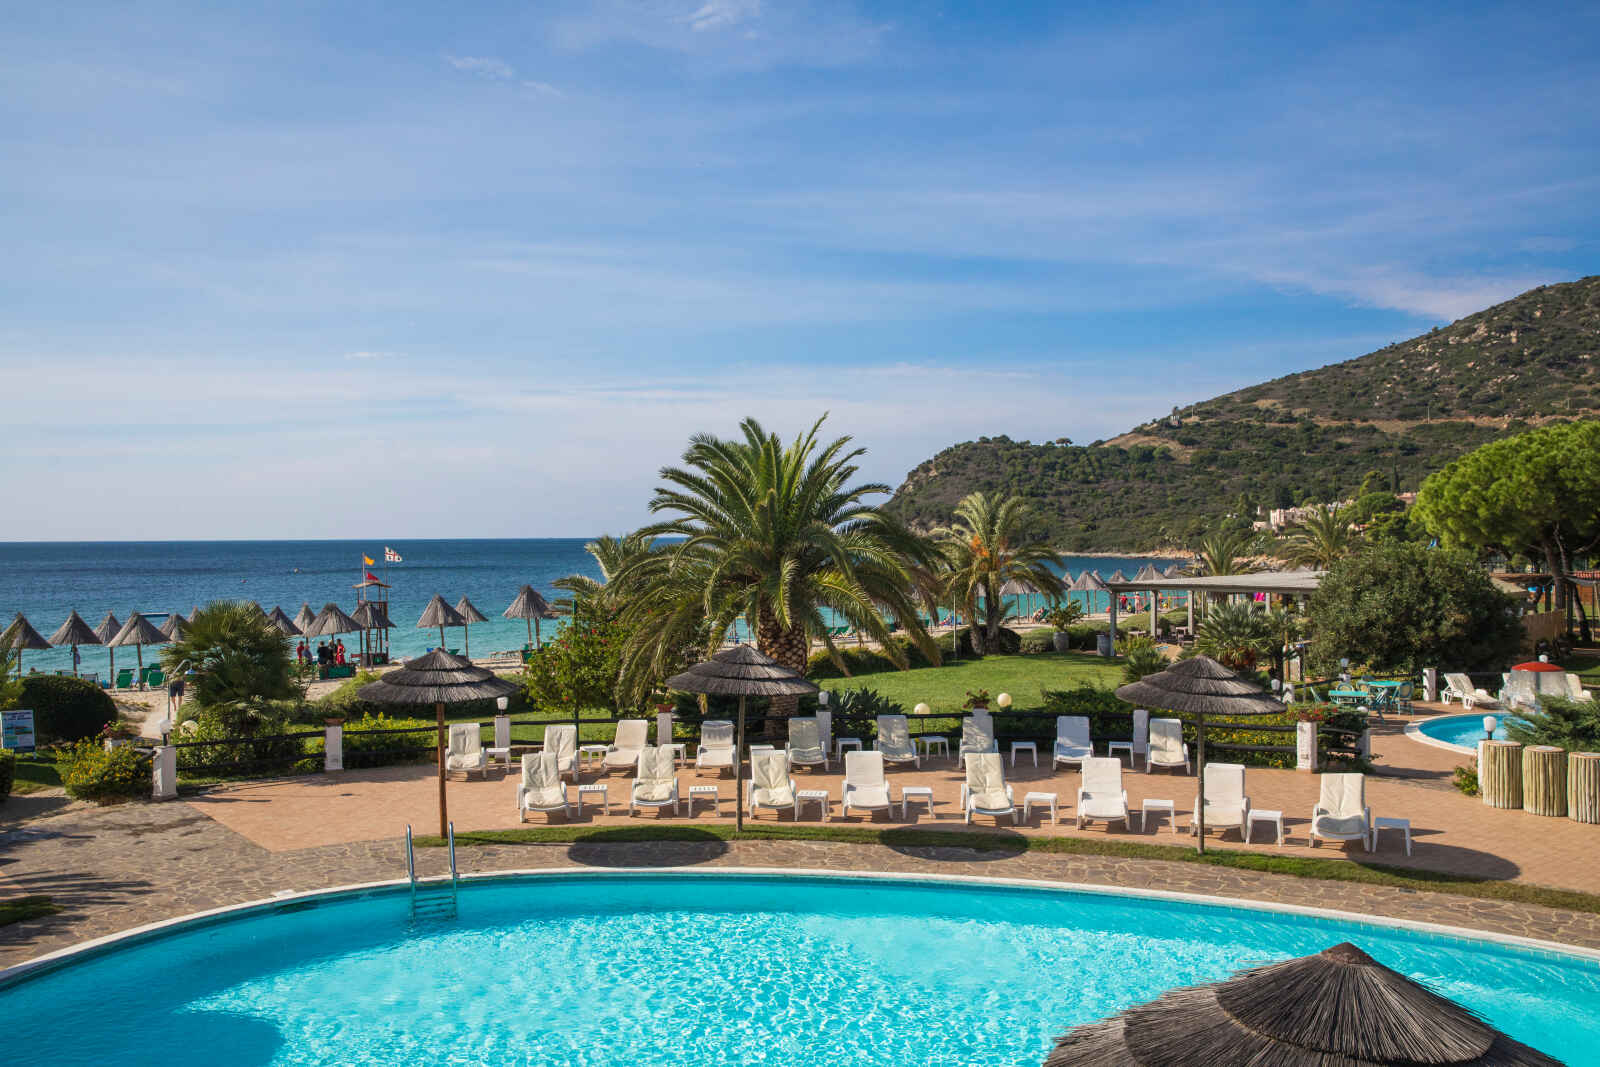 Séjour Olbia - Hotel & Residence Cormoran